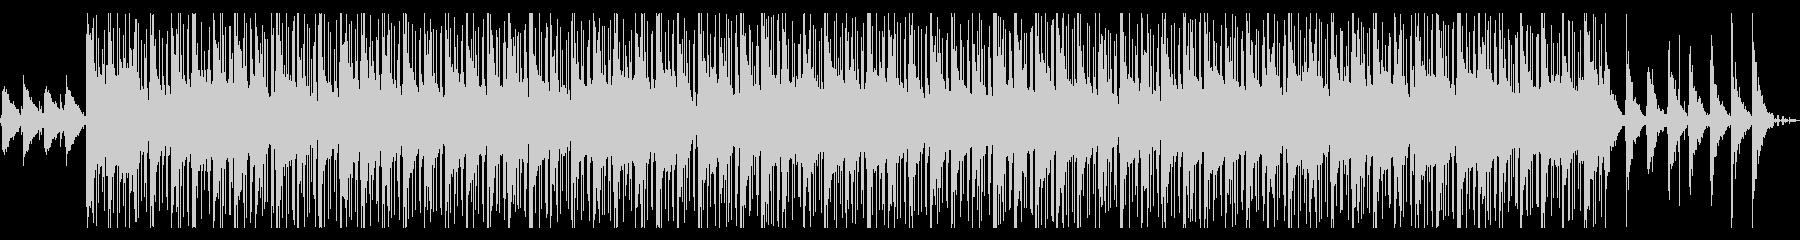 ジャジーでおしゃれなヒップホップビートの未再生の波形